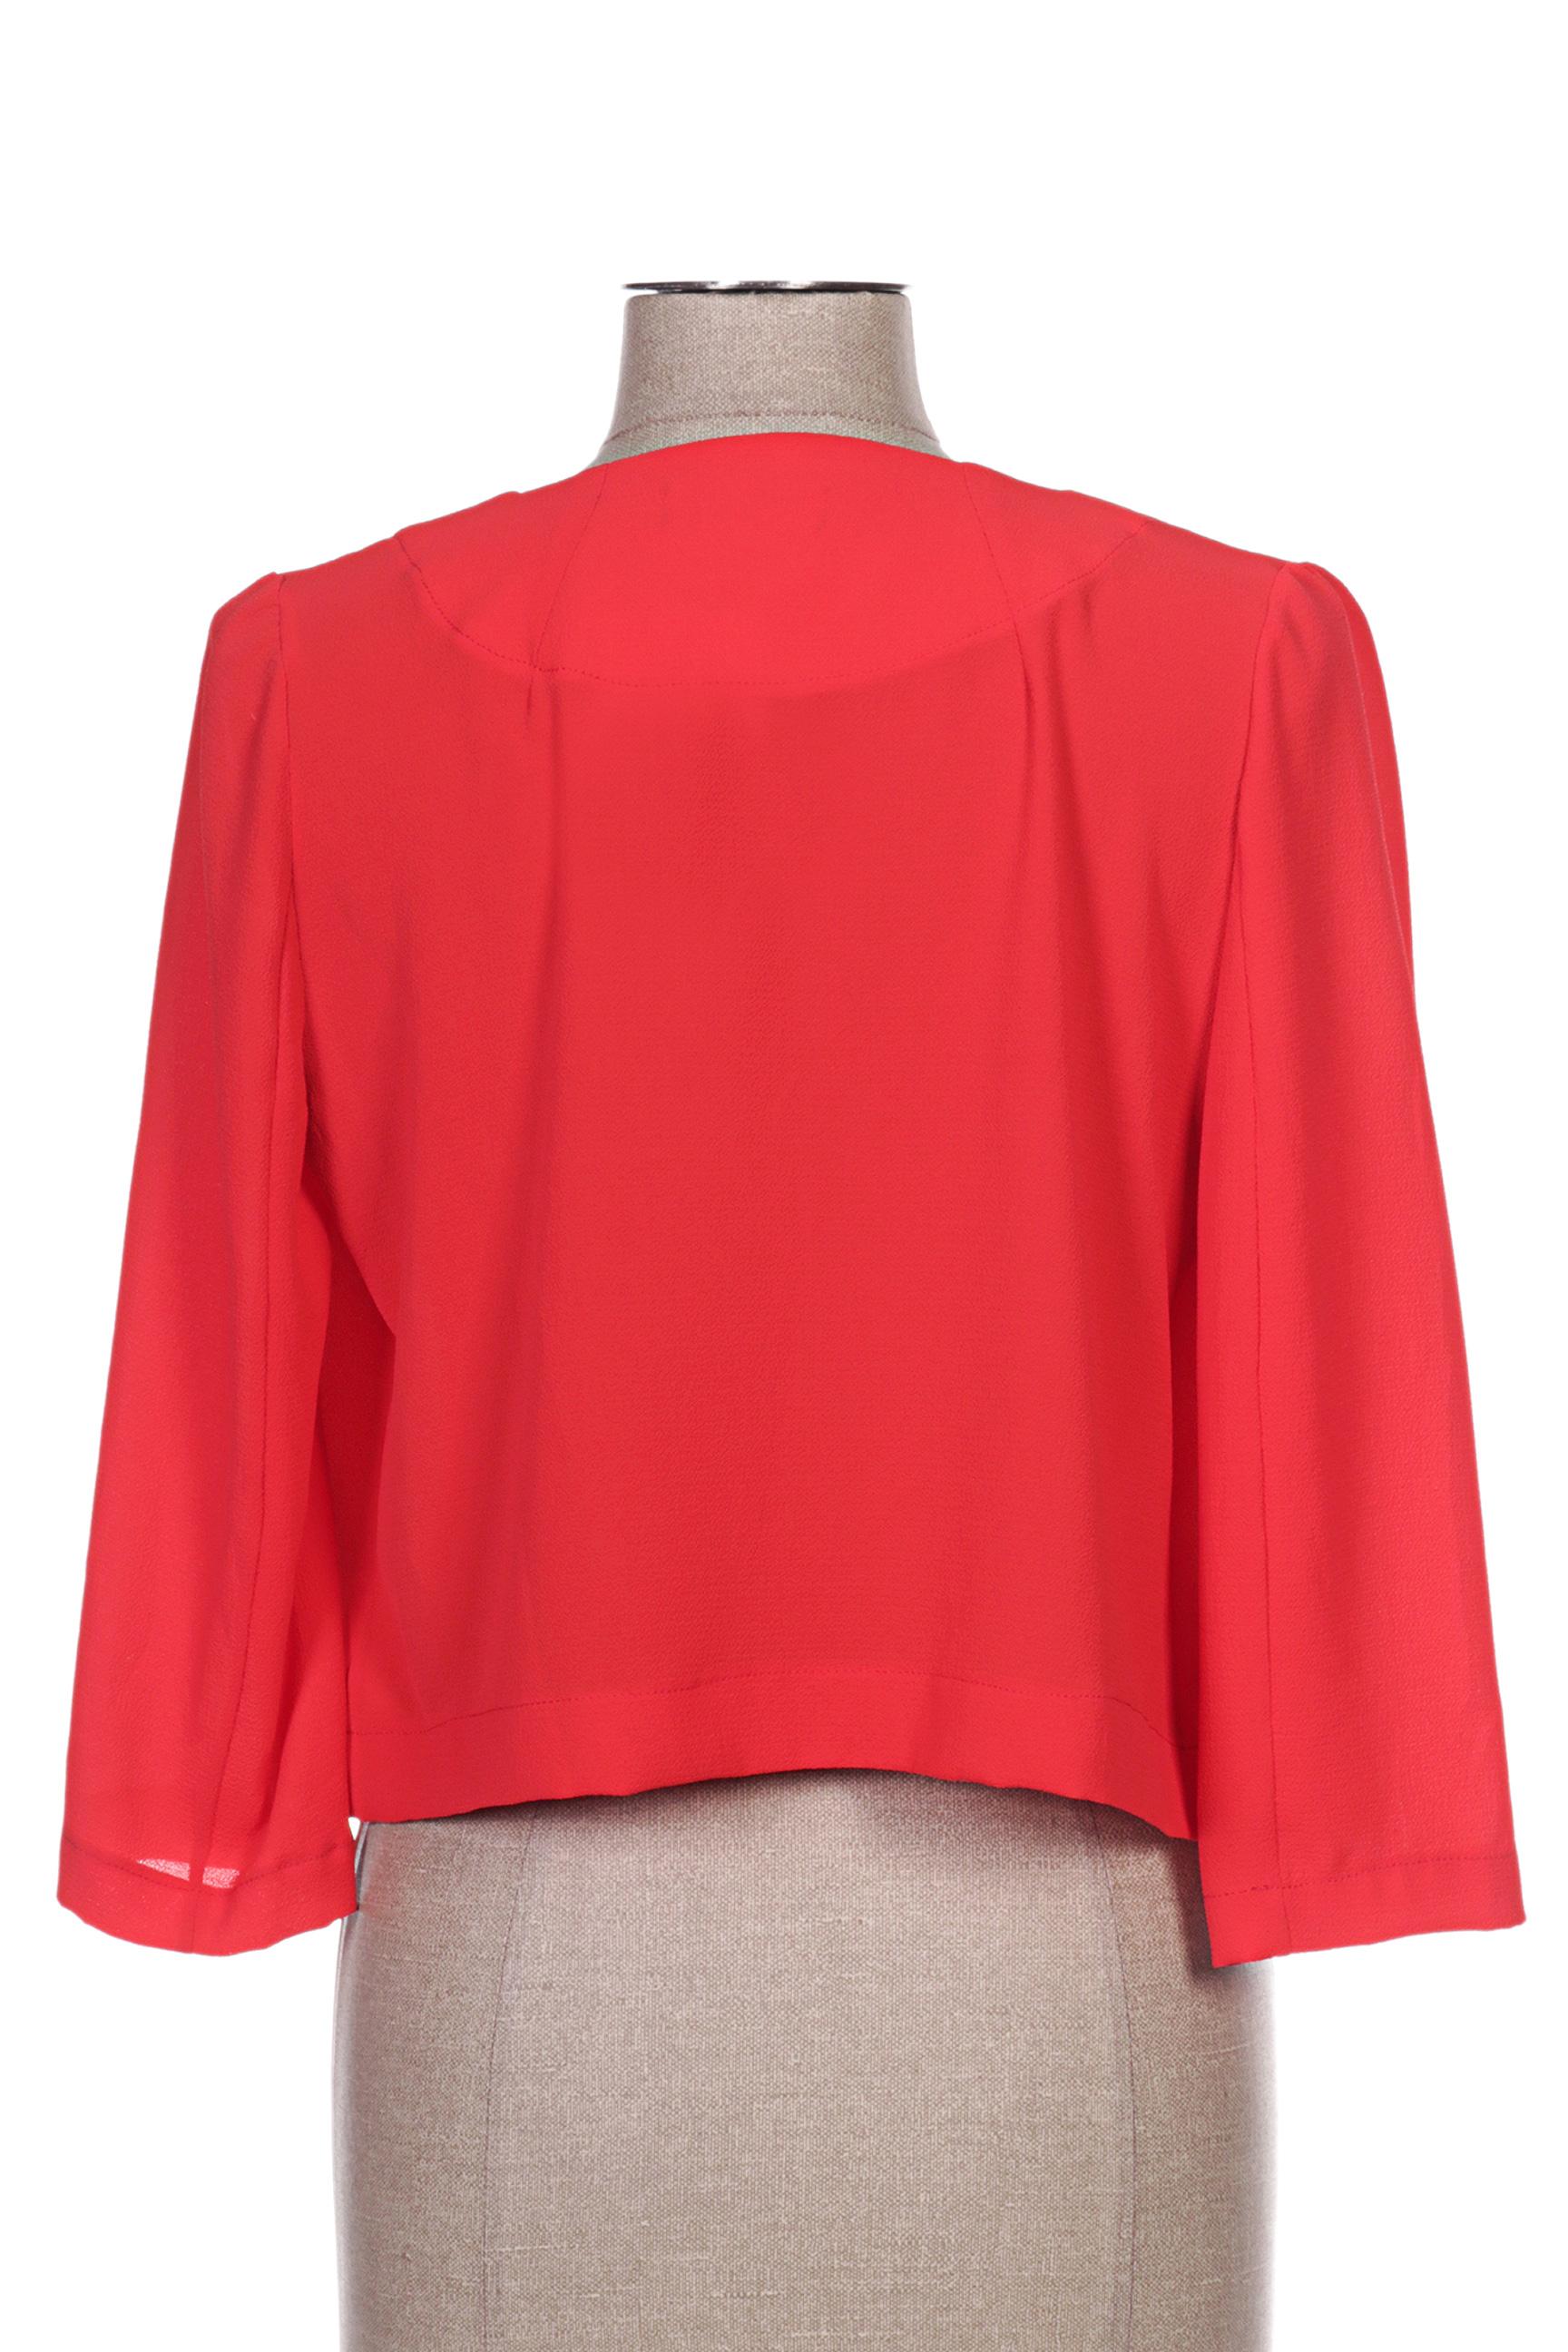 Femmes Je Vous Aime Boleros Femme De Couleur Rouge En Soldes Pas Cher 1275166-rouge0